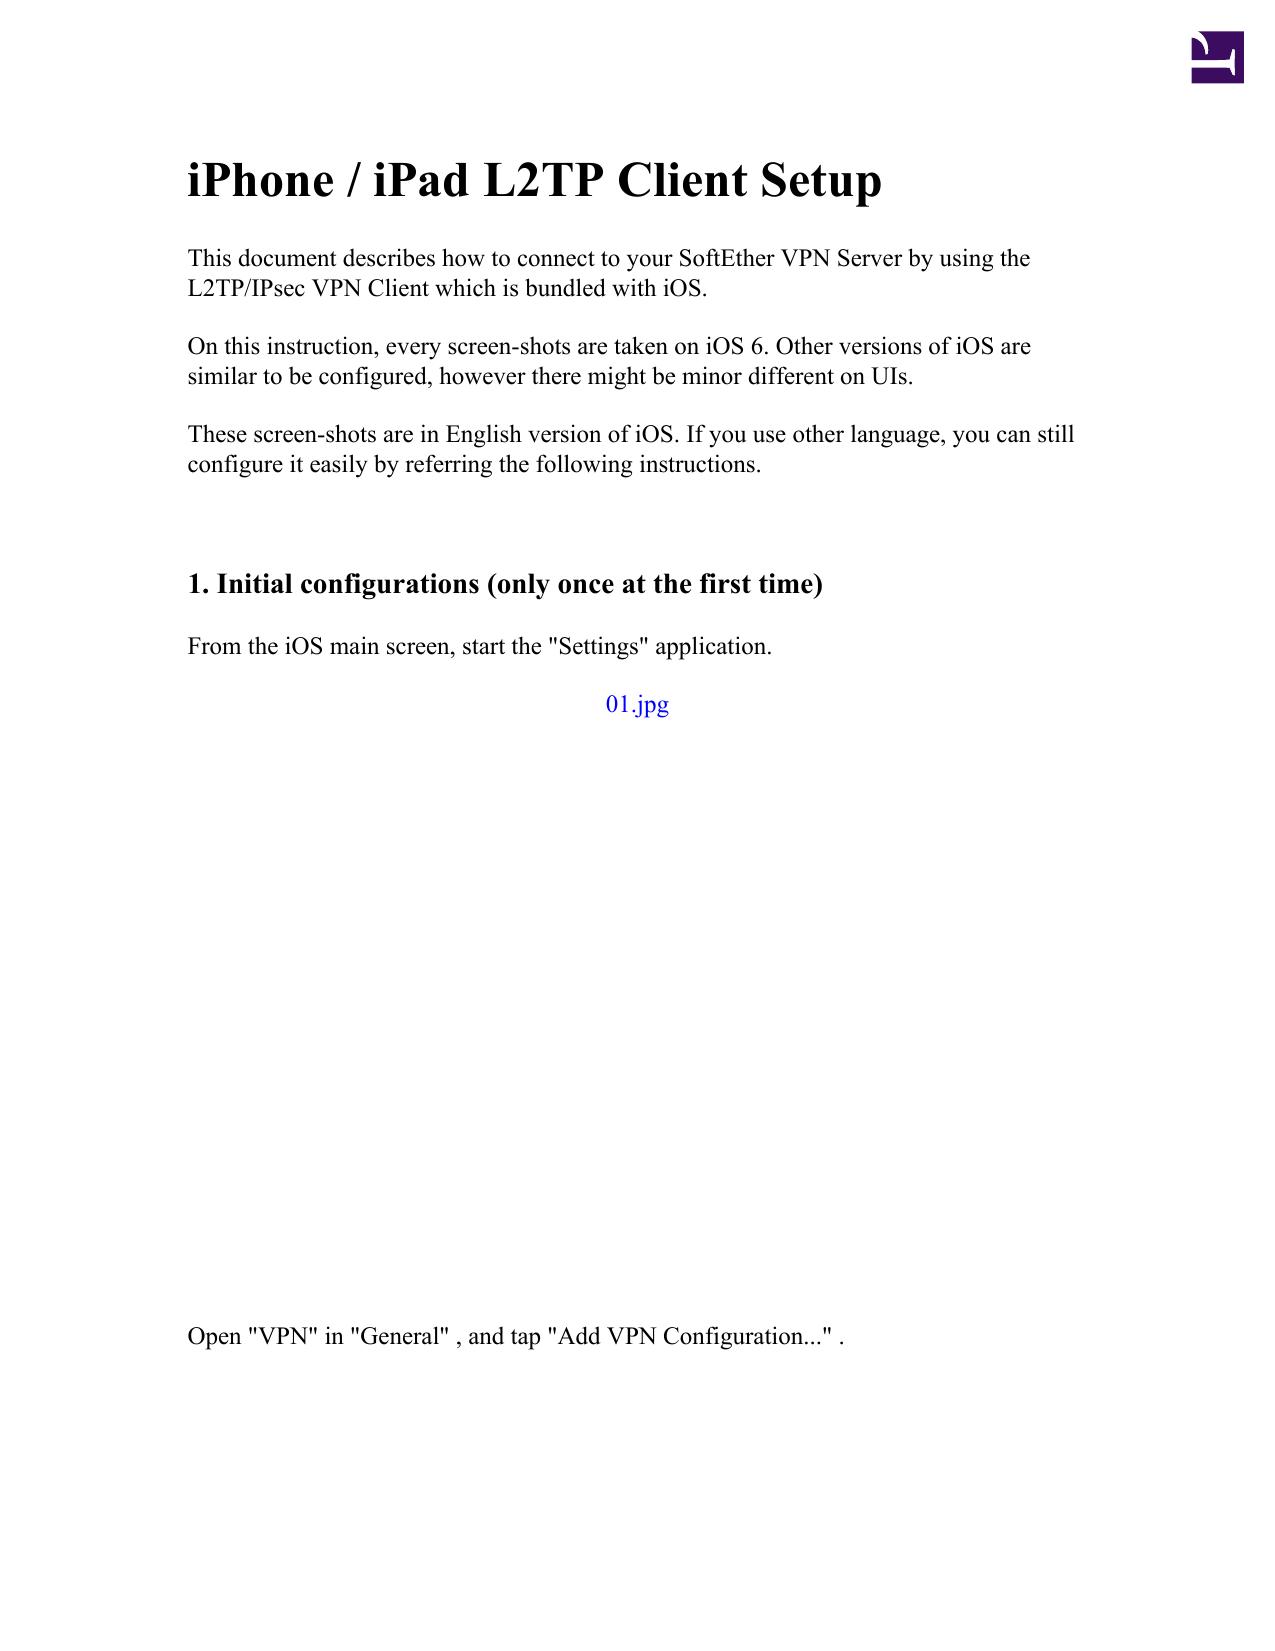 iPhone / iPad L2TP Client Setup | manualzz com